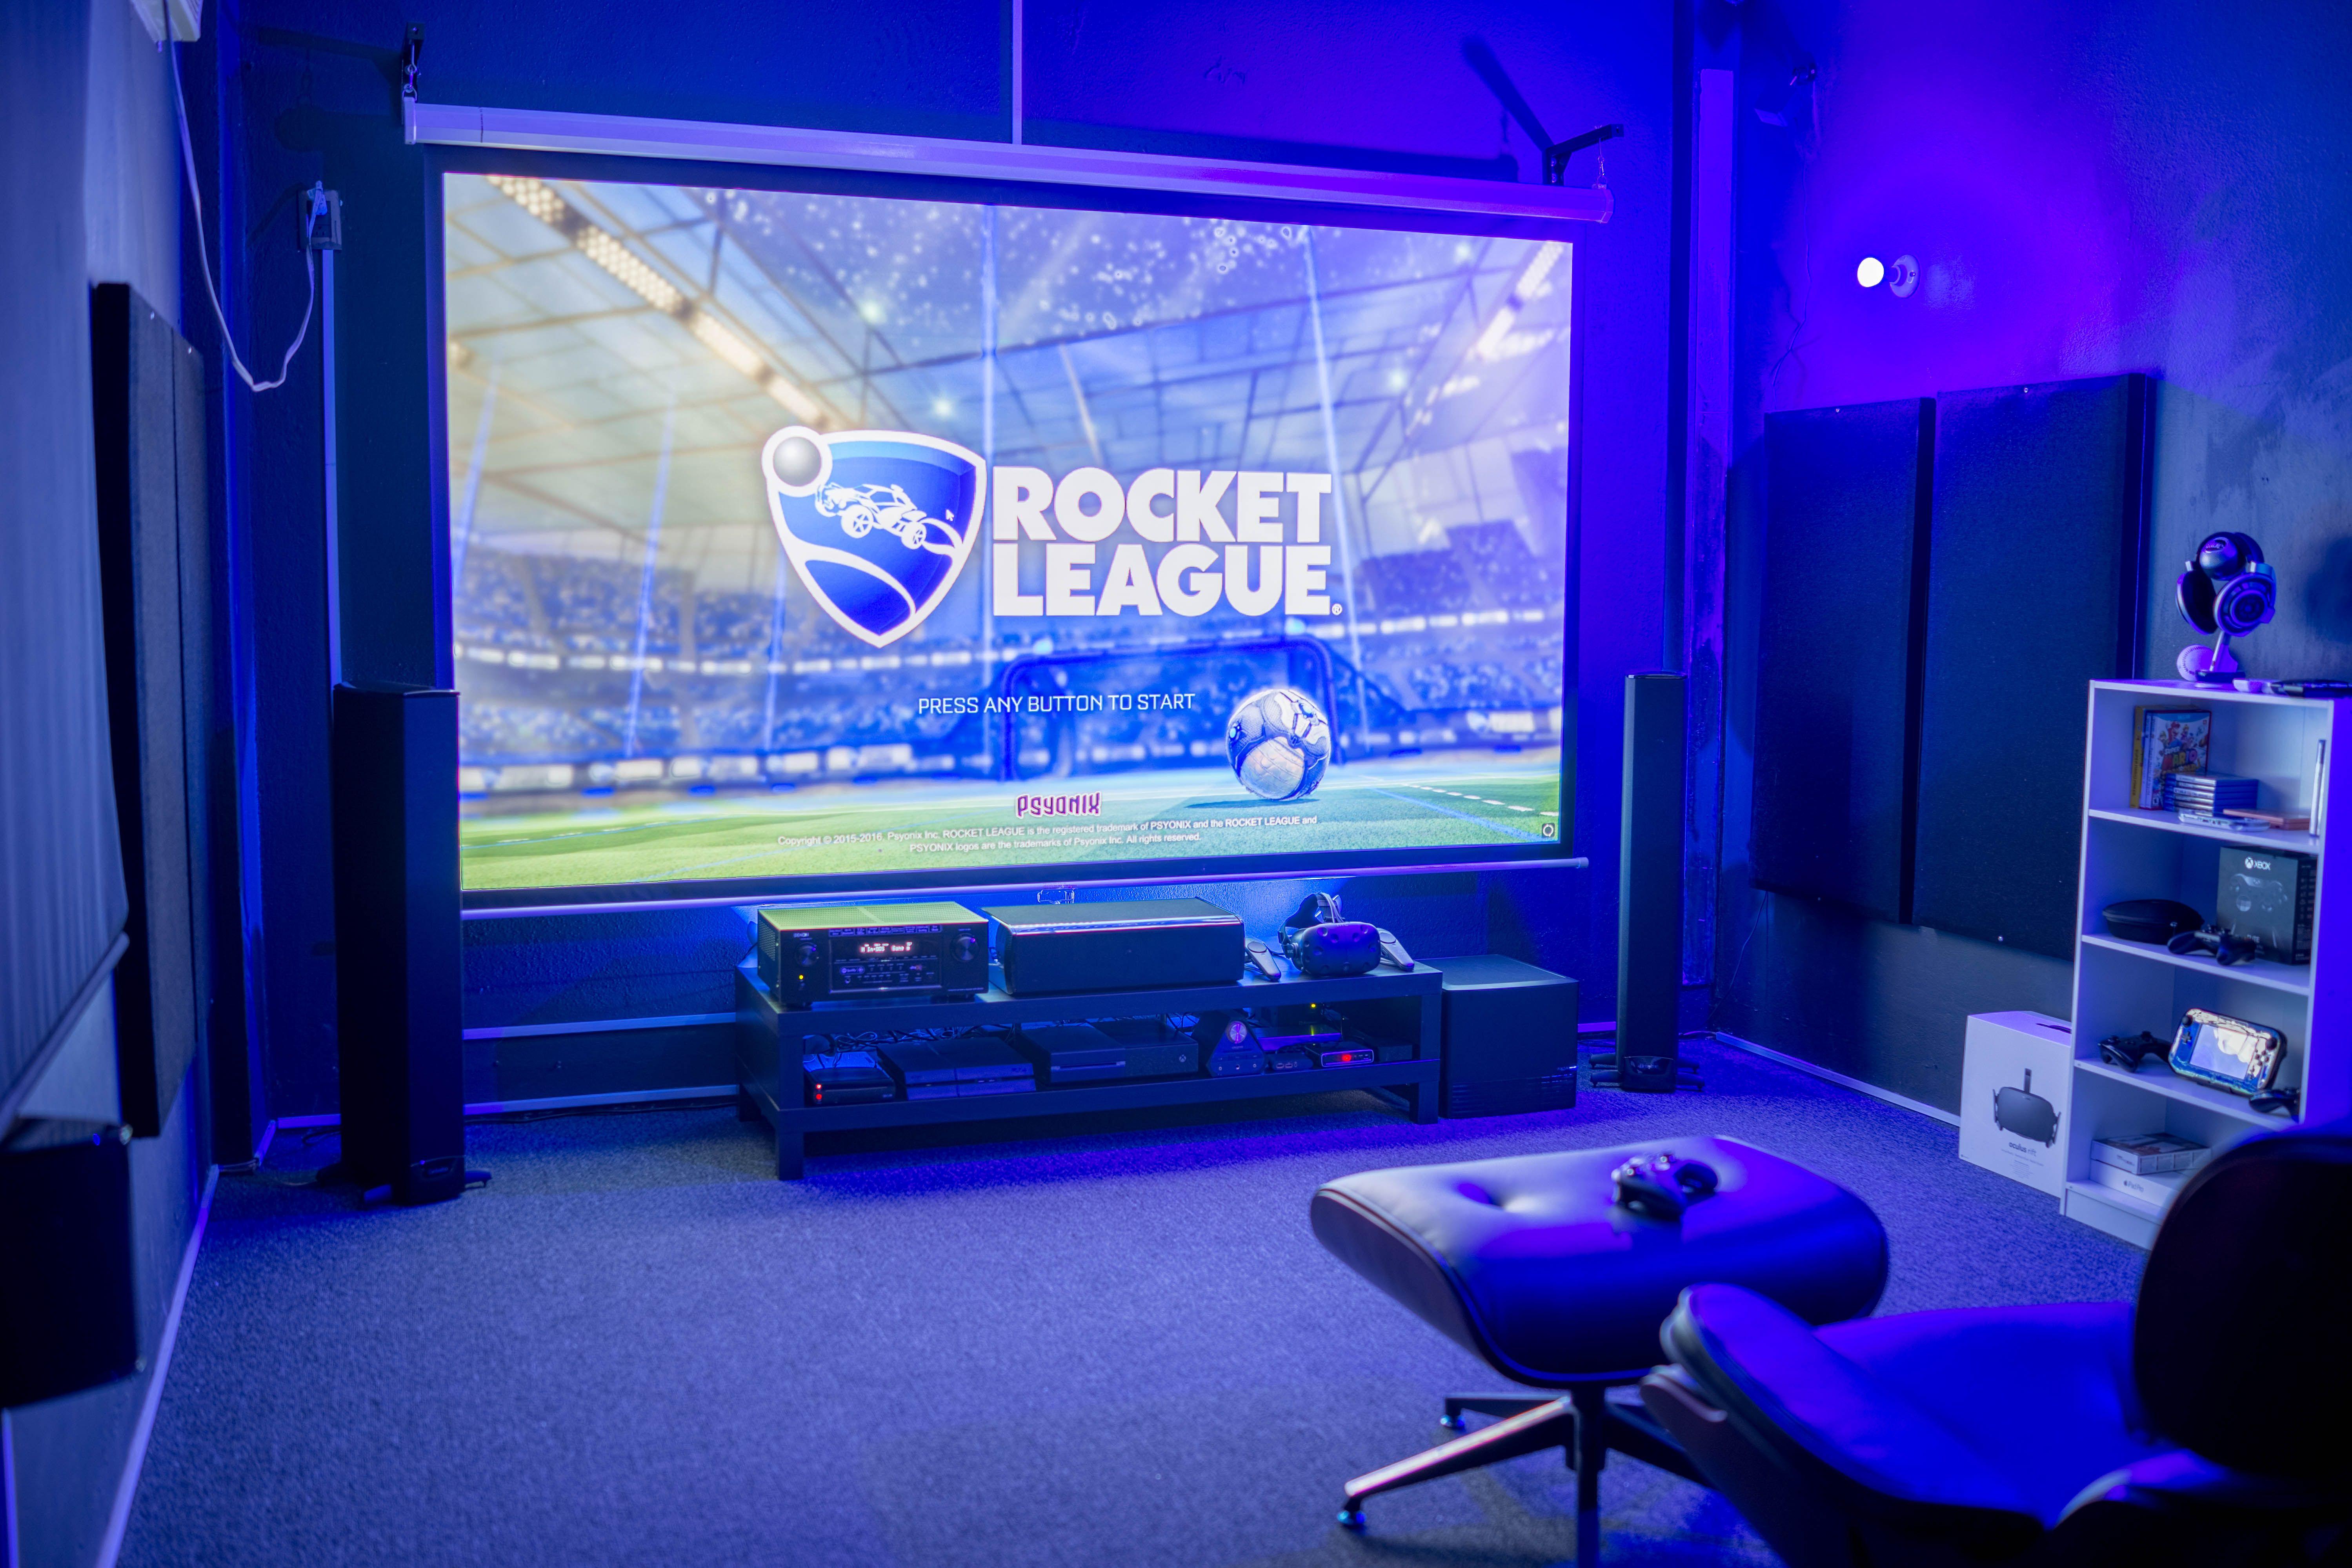 4k 1080p Vr Battlestation Video Game Rooms Game Room Design Gaming Room Setup